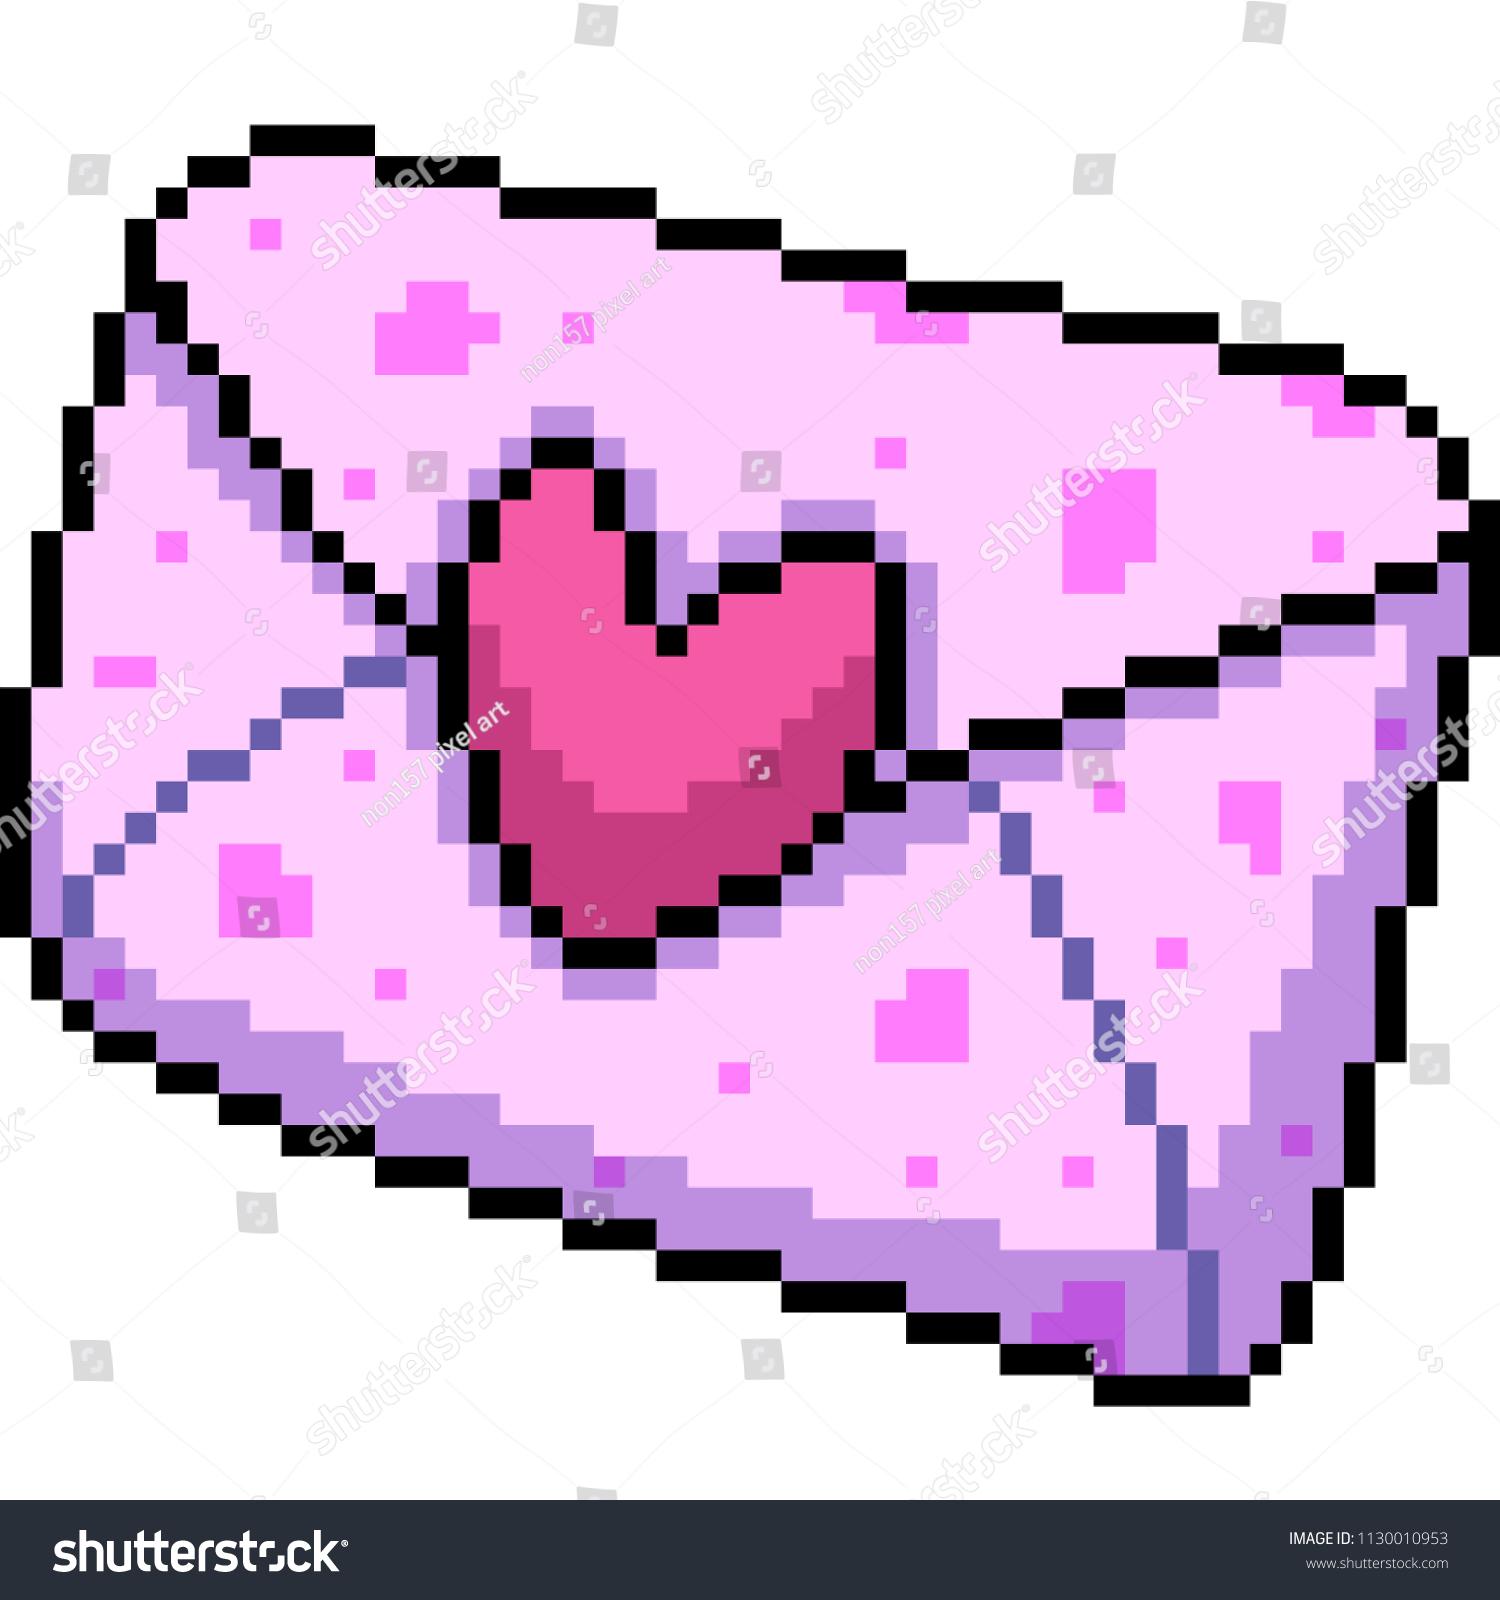 Image Vectorielle De Stock De Image Vectorielle Enveloppe D